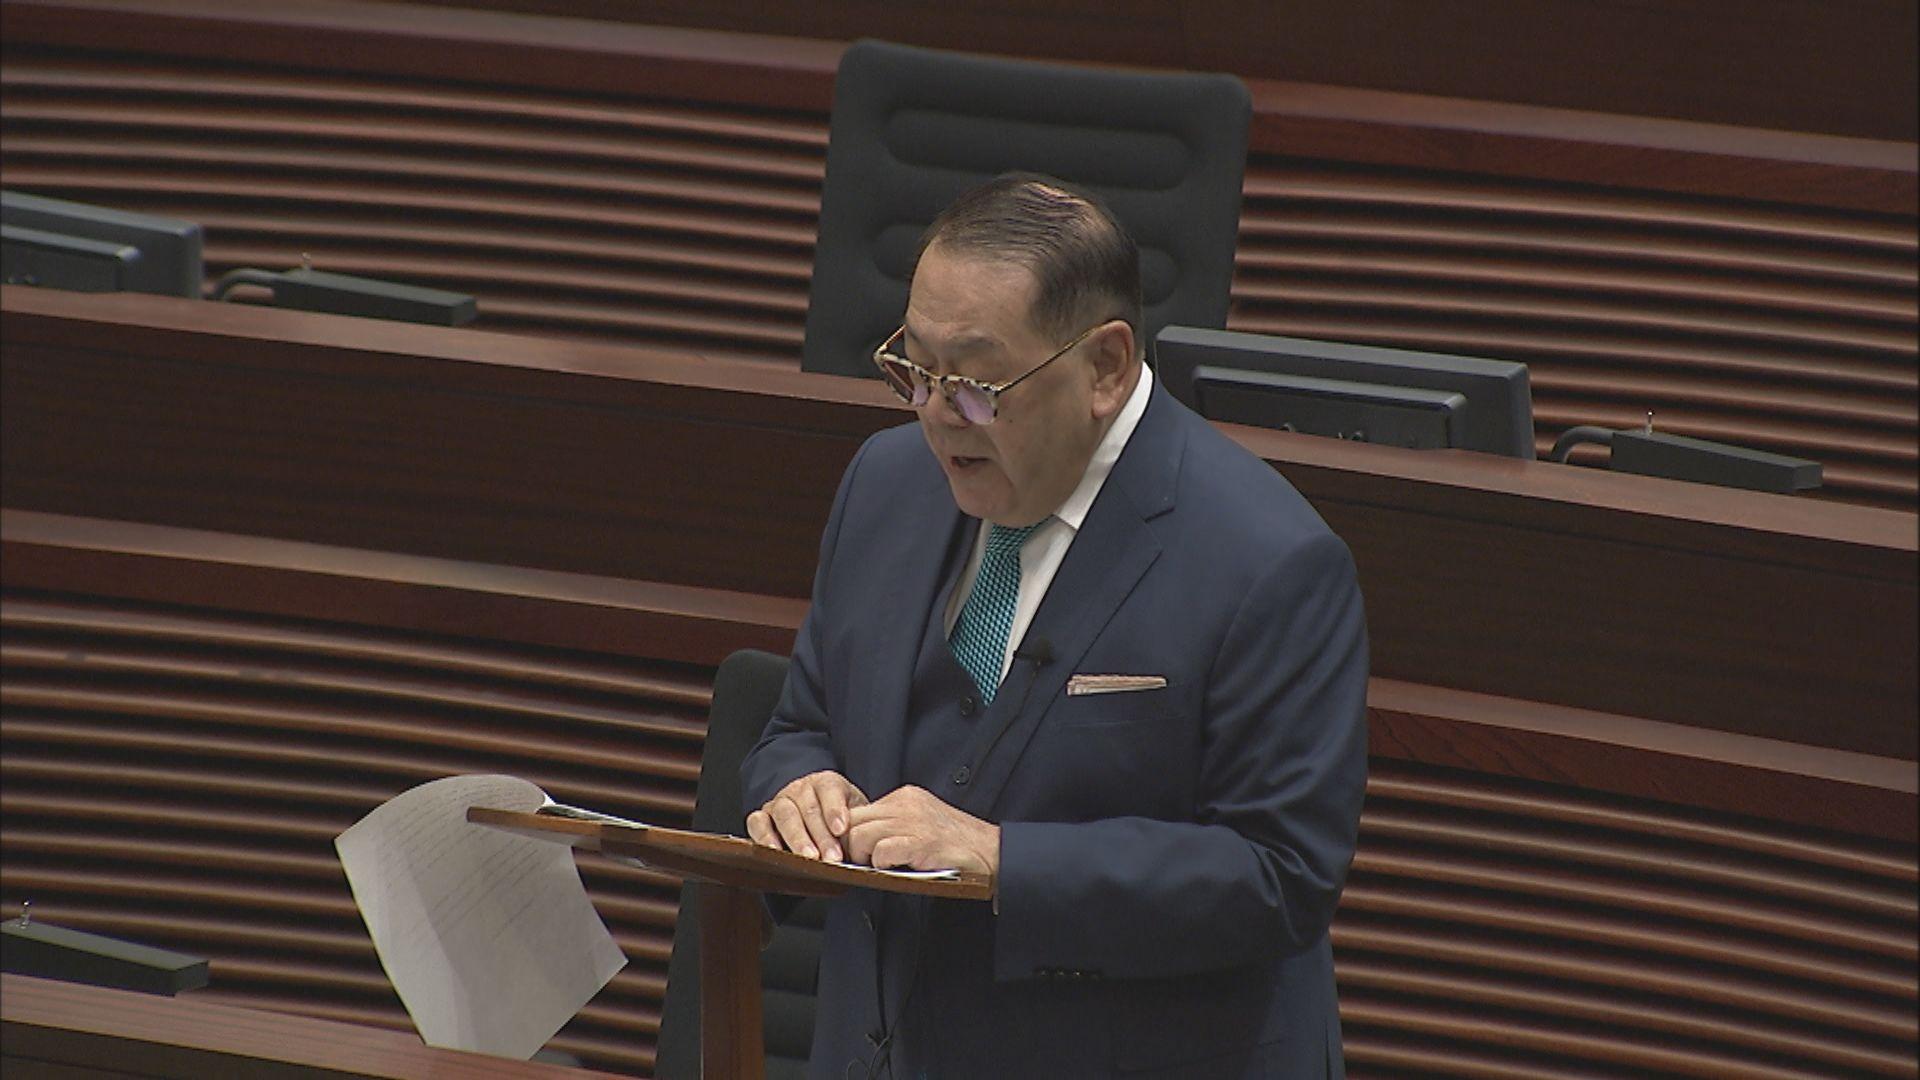 周浩鼎協助梁振英事件 委員會調查認為不構成行為不檢